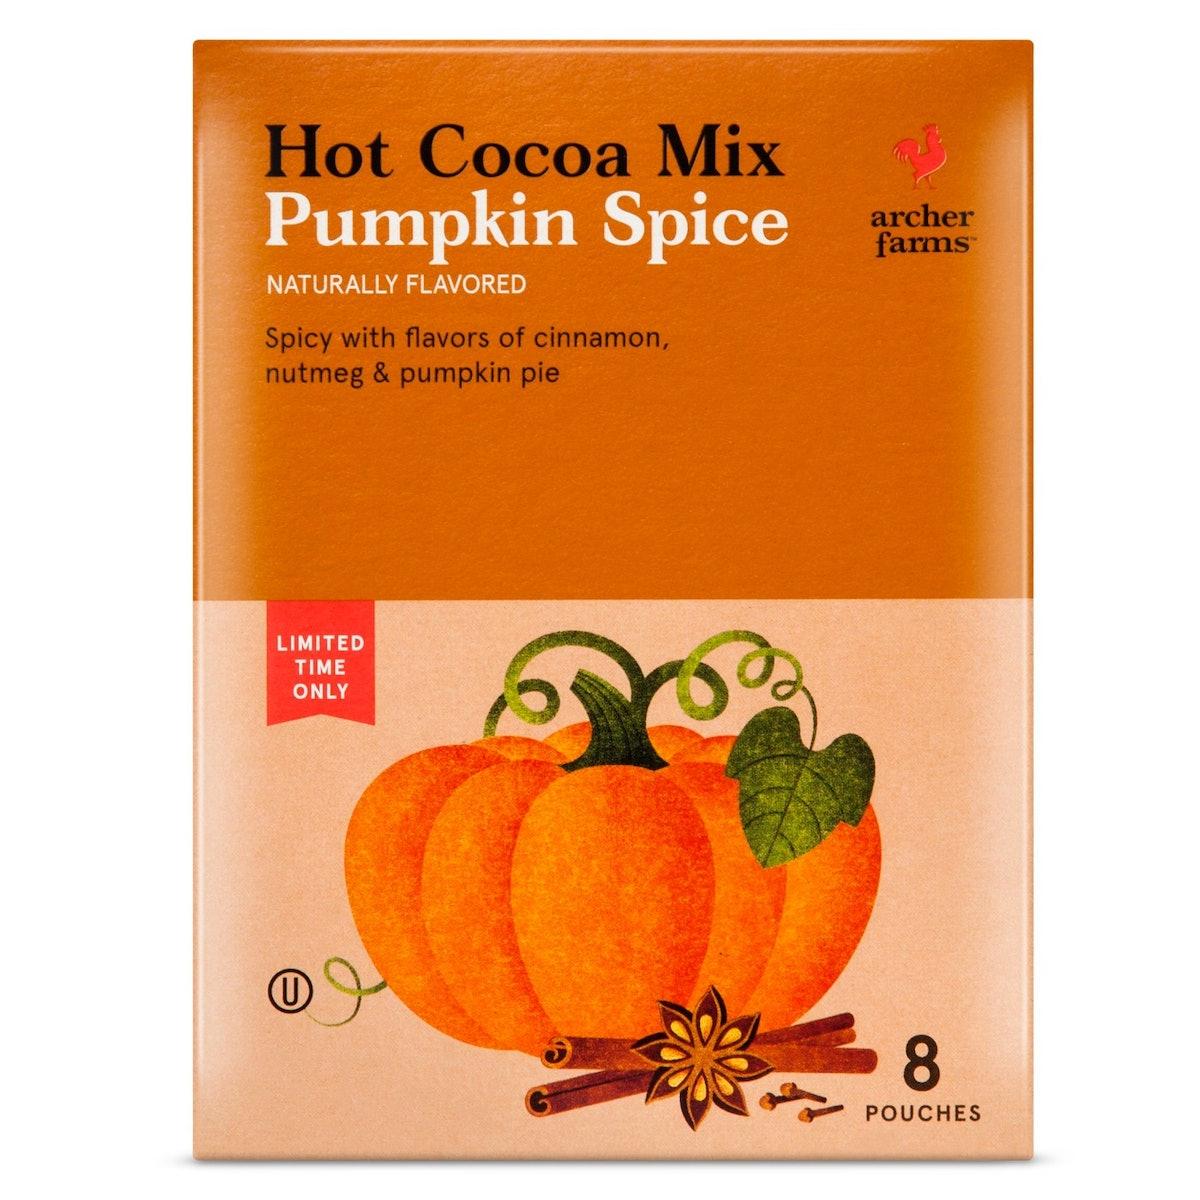 Hot Cocoa Mix Pumpkin Spice